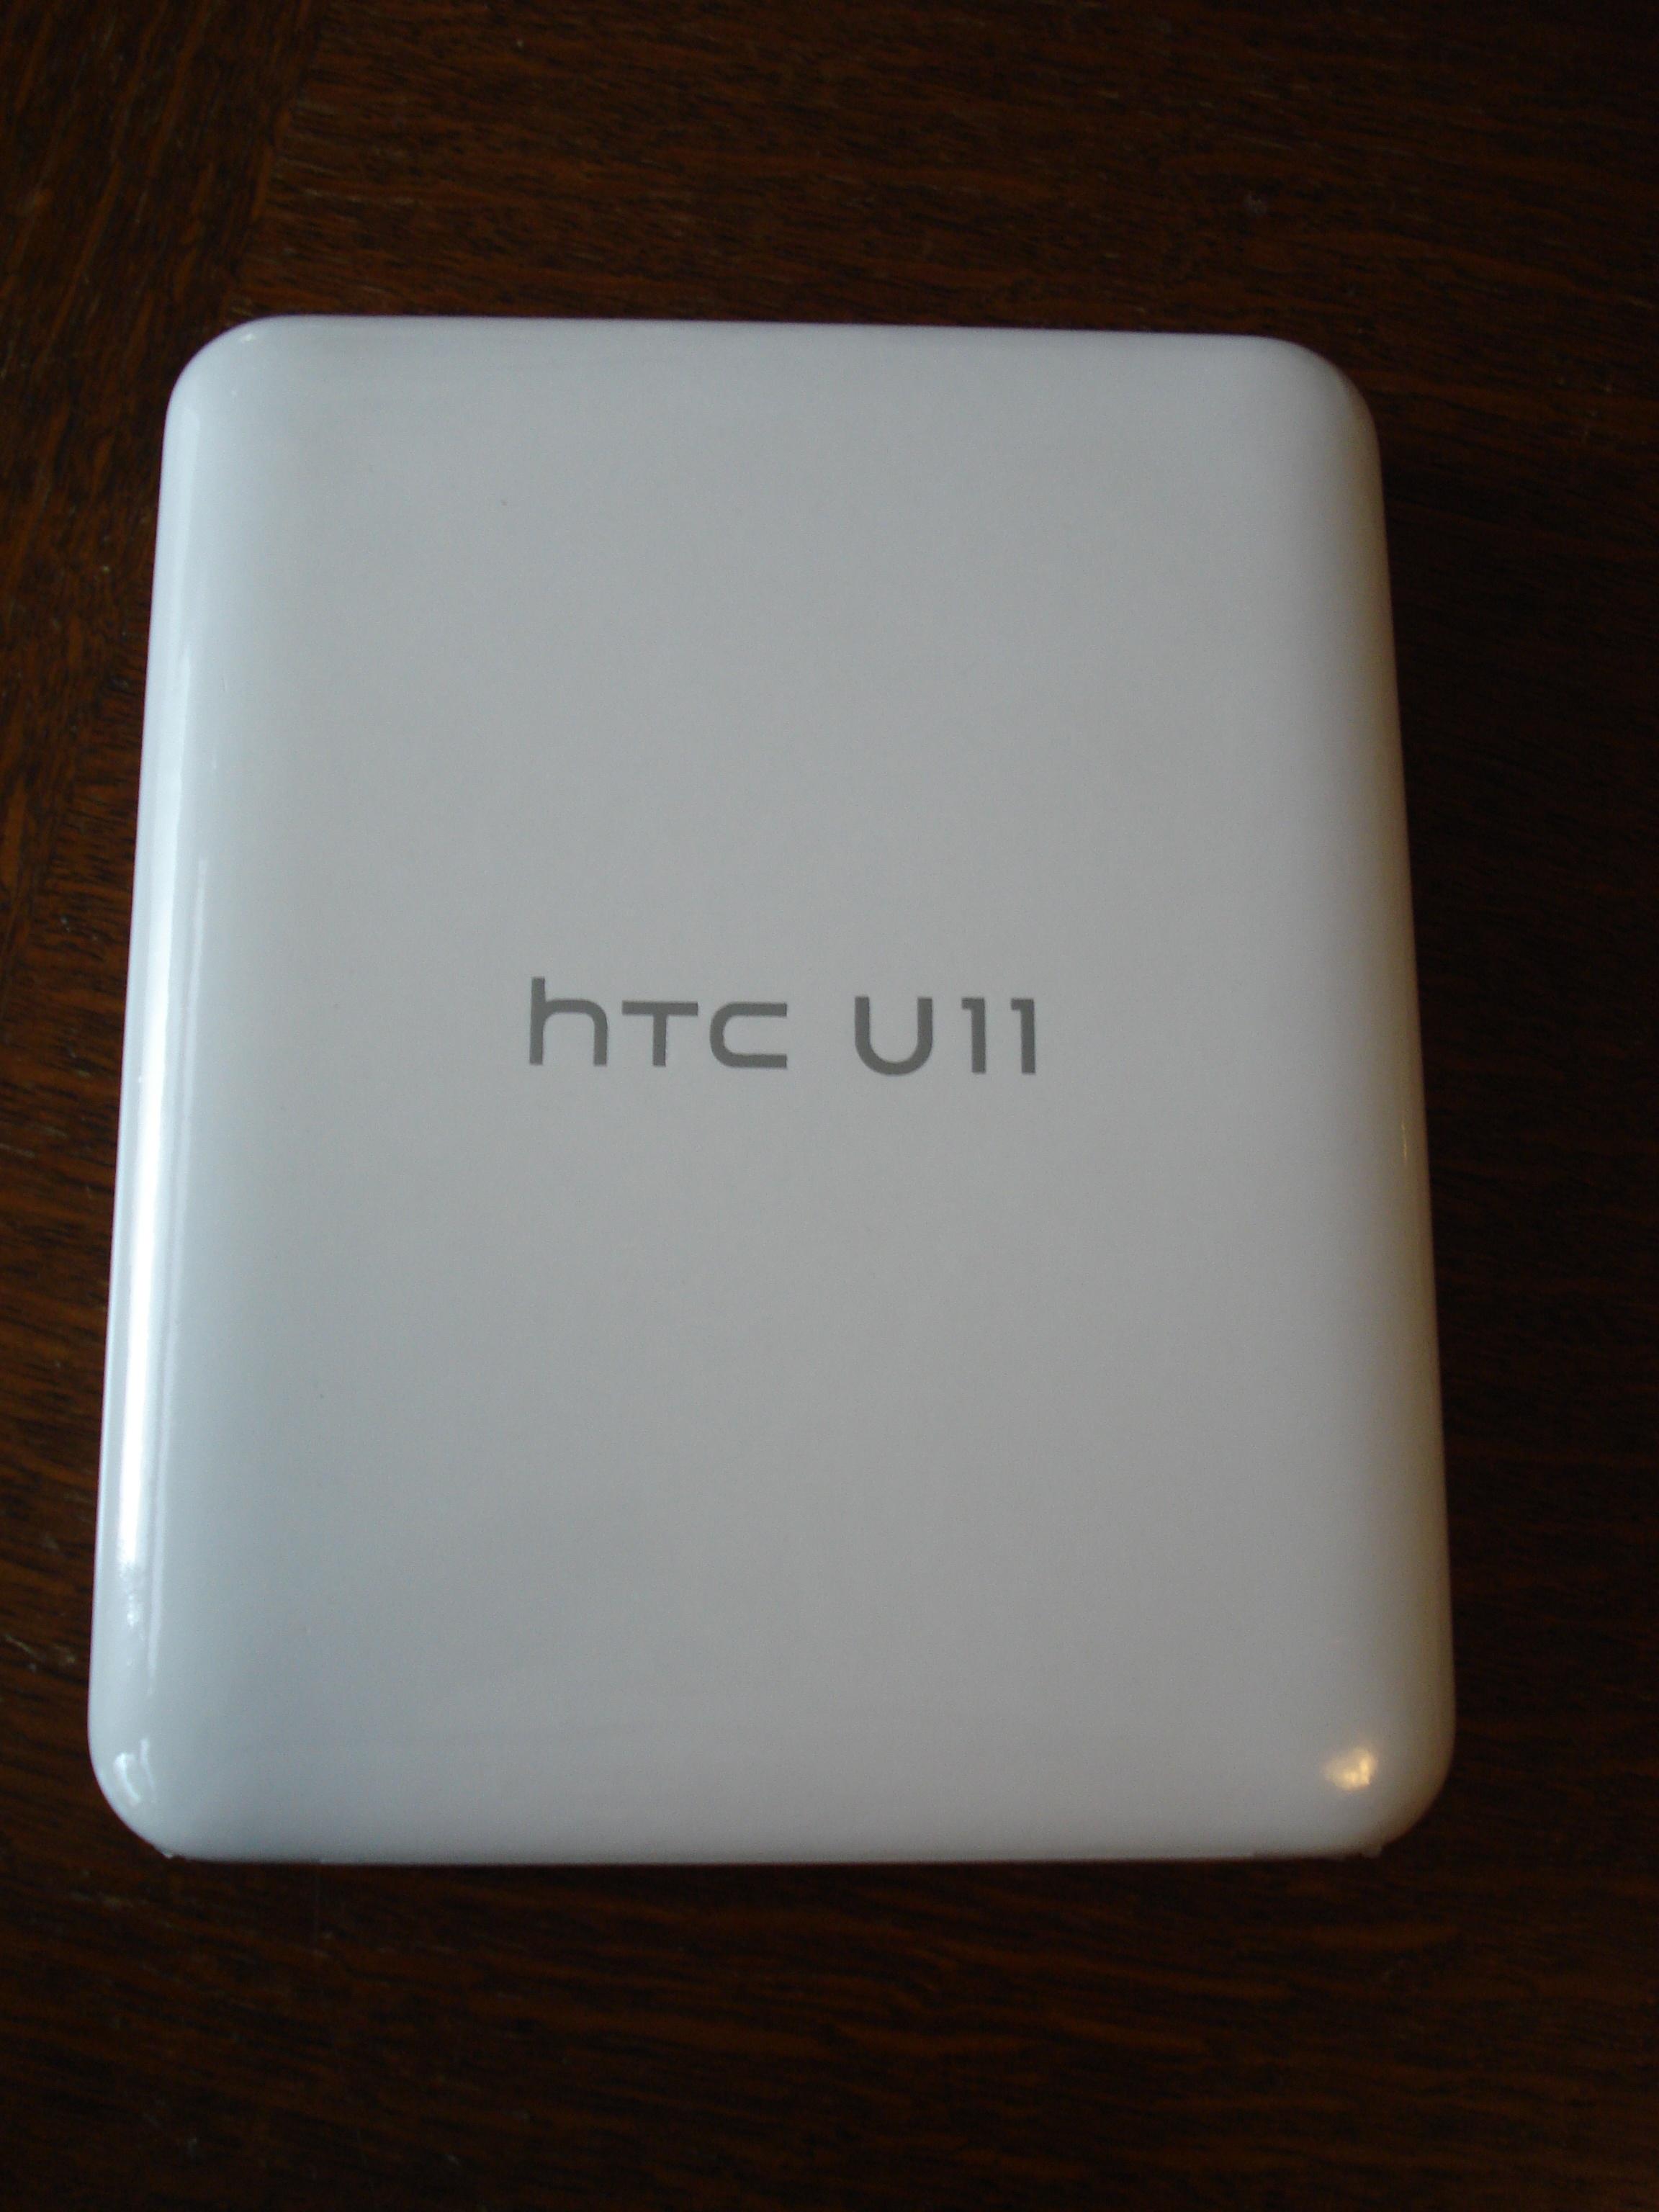 Het doos'je' waar de HTC U11 in zit.